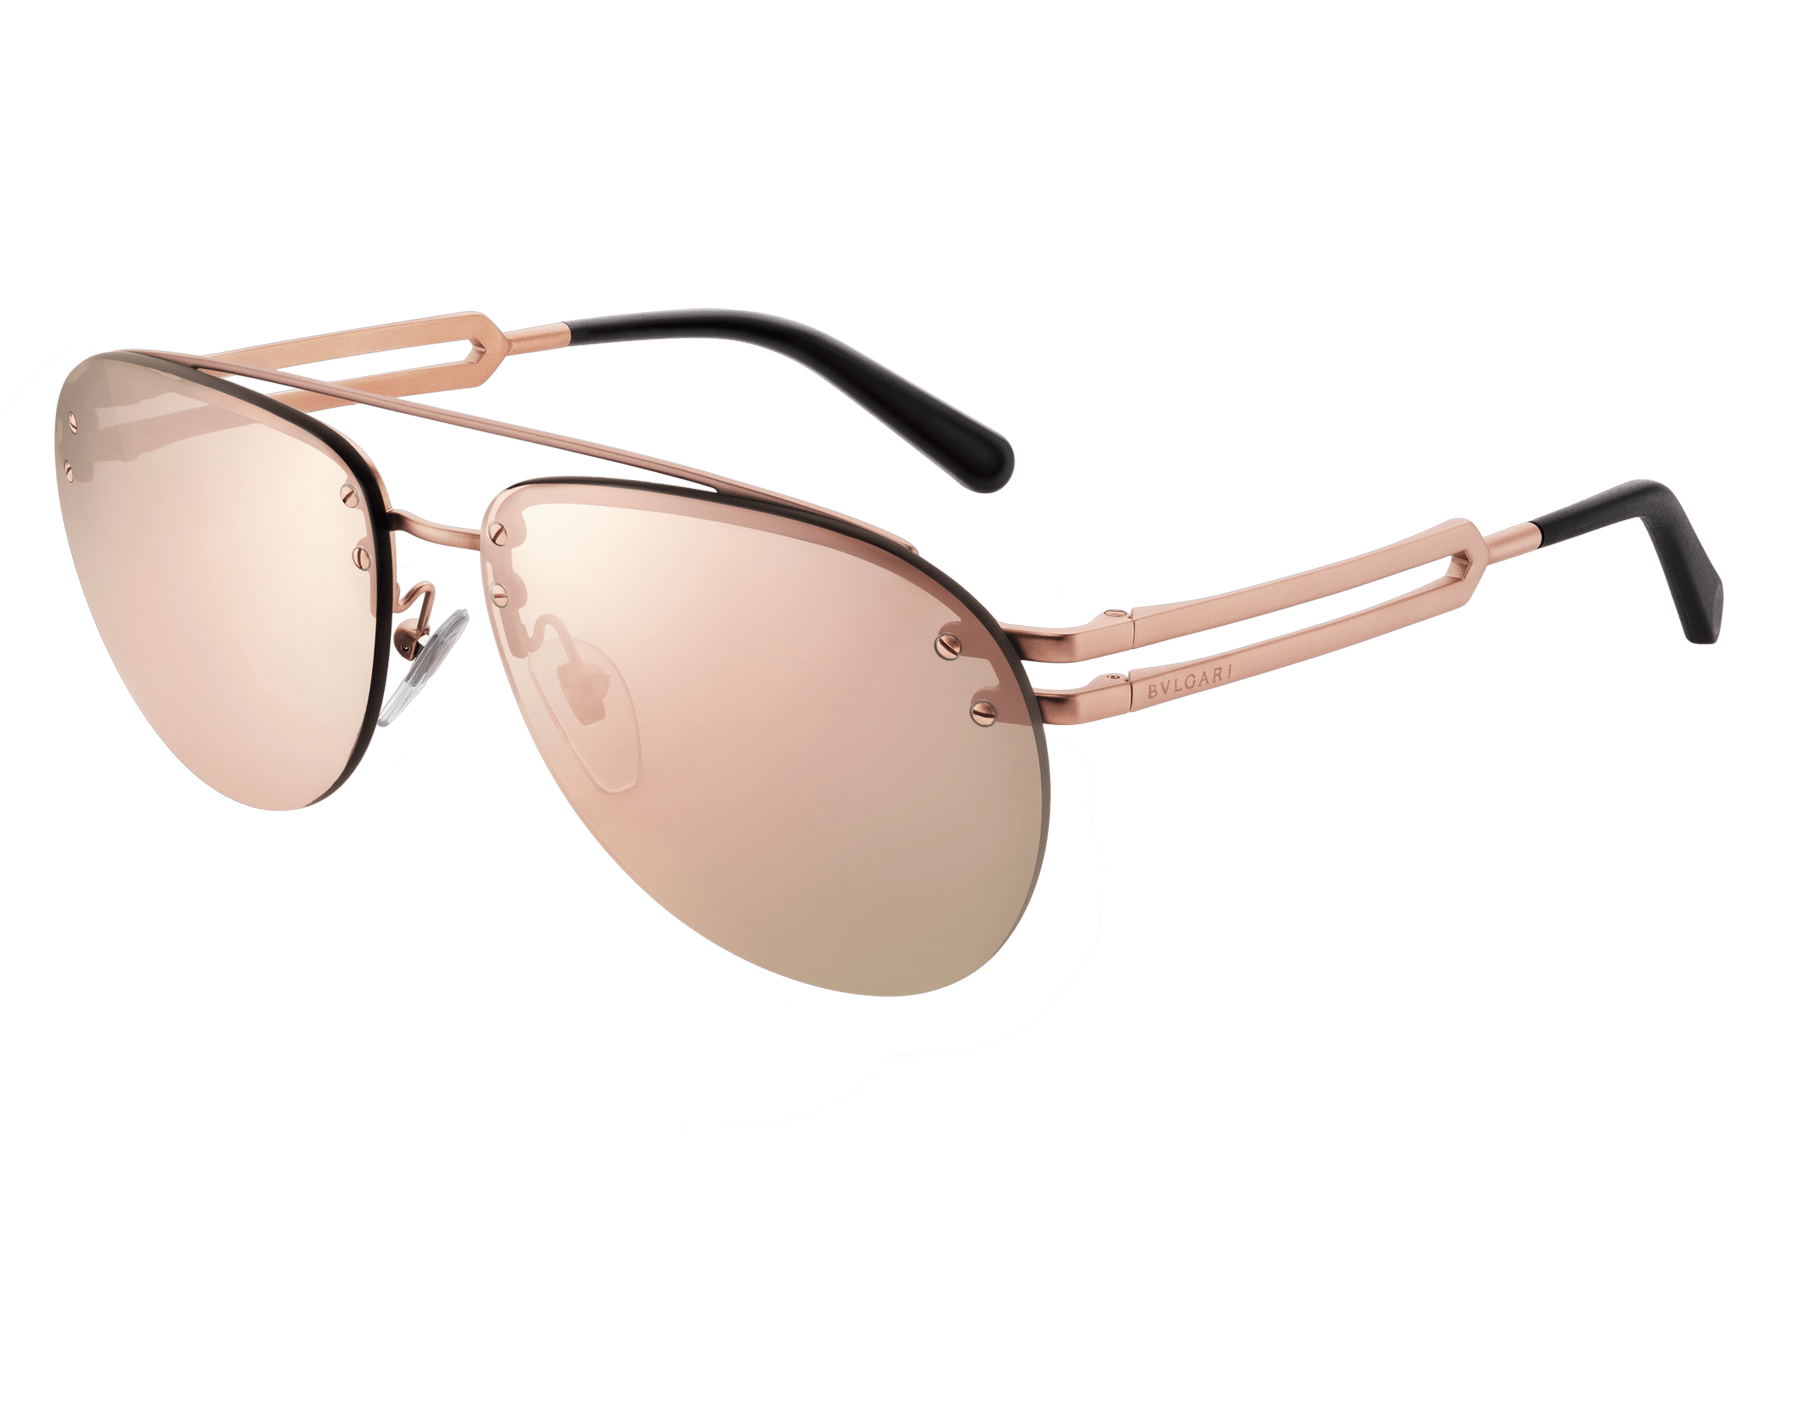 Bvlgari Bvlgari Sonnenbrille aus Metall in Pilotenform mit Doppelsteg. 904043 image 1